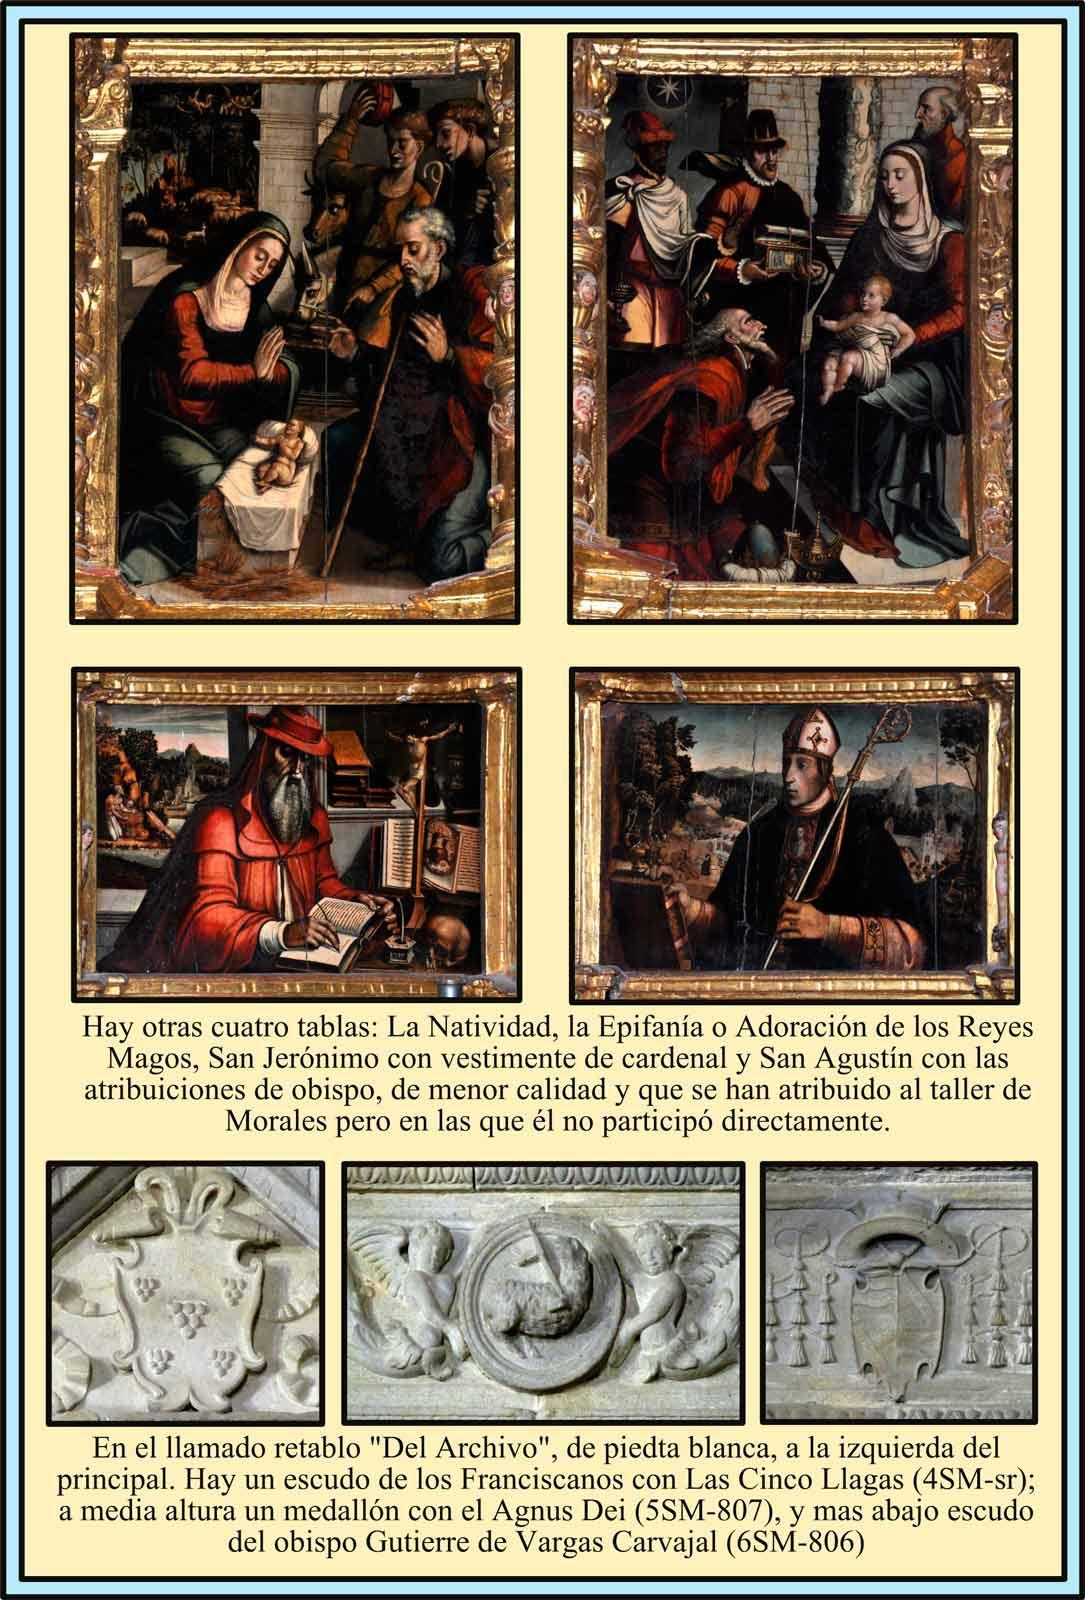 Tablas del taller de Morales en San Martín. Altar del Archivo Escudos